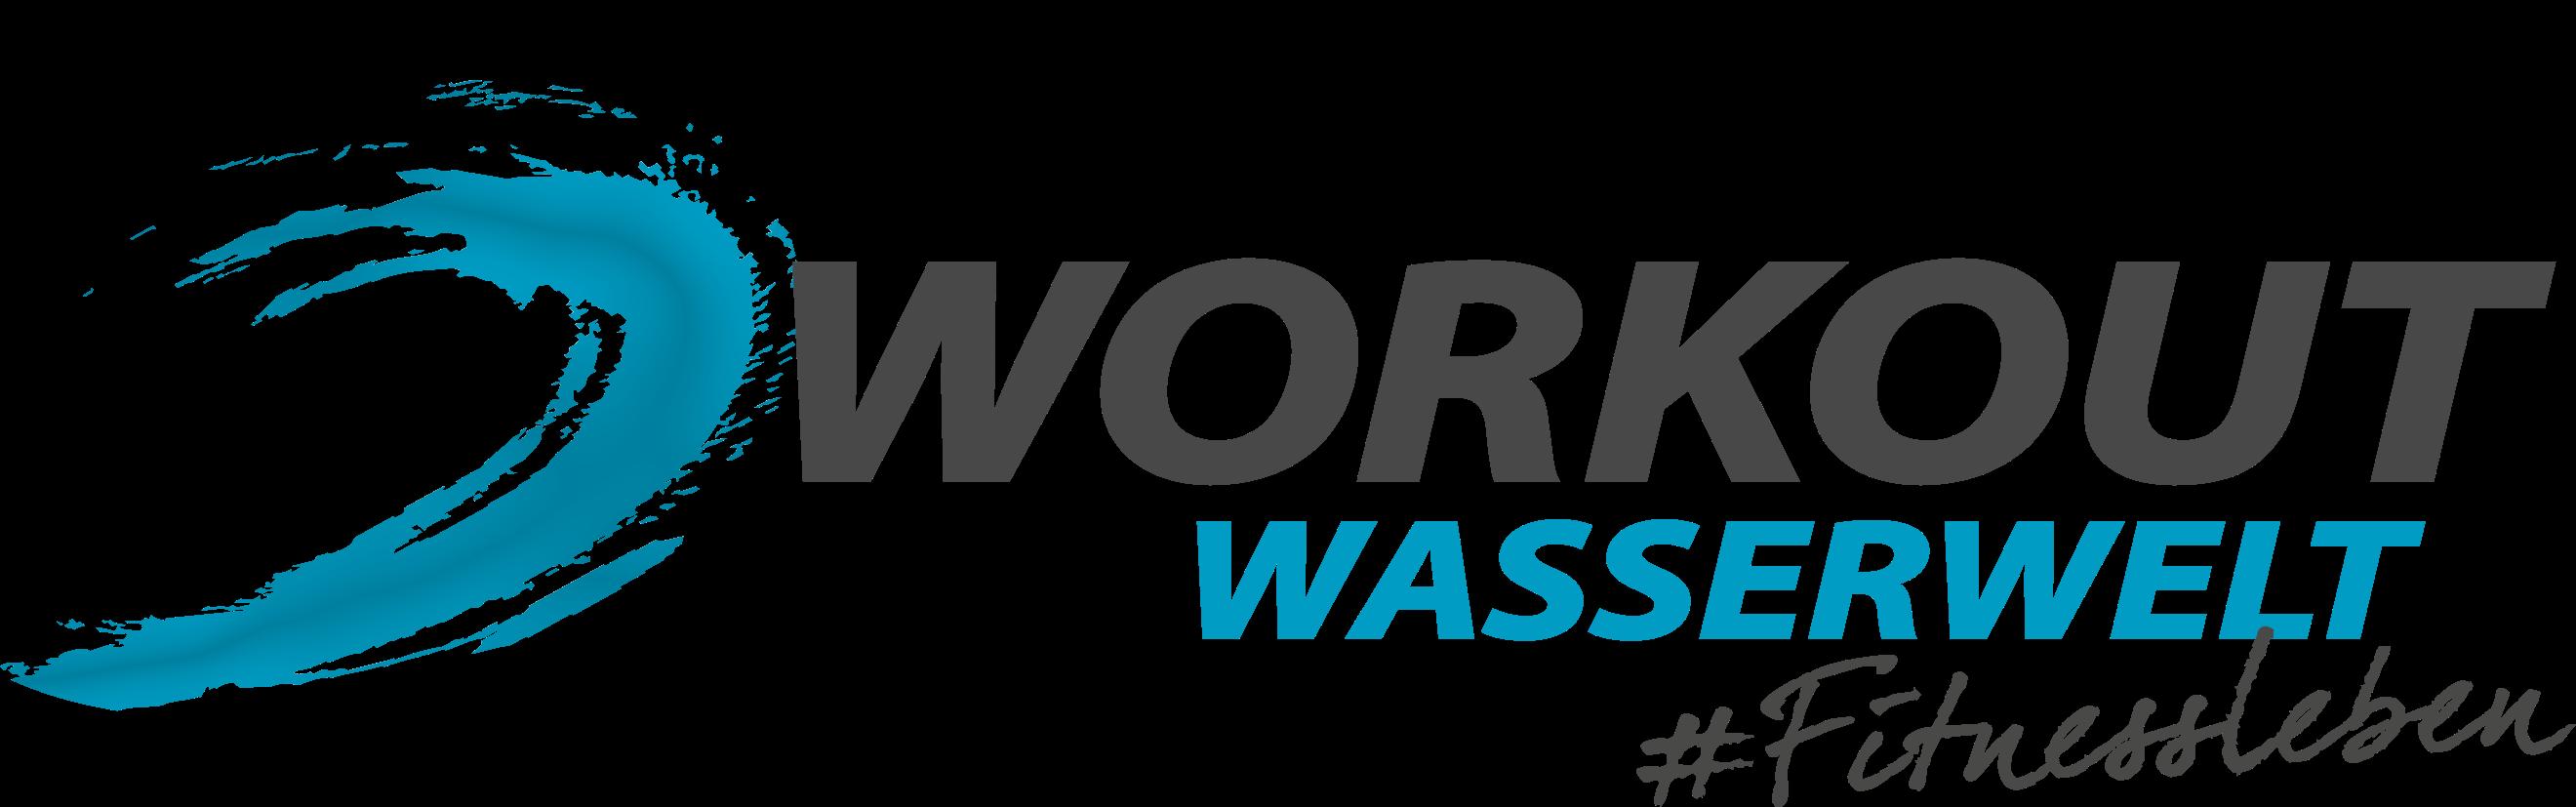 Workout Wasserwelt